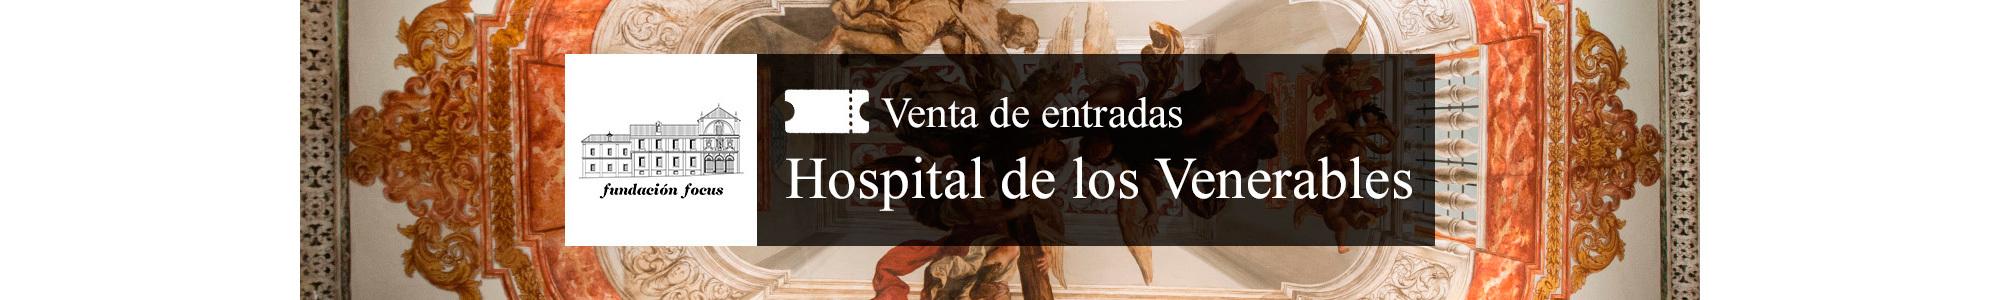 Hospital venerables